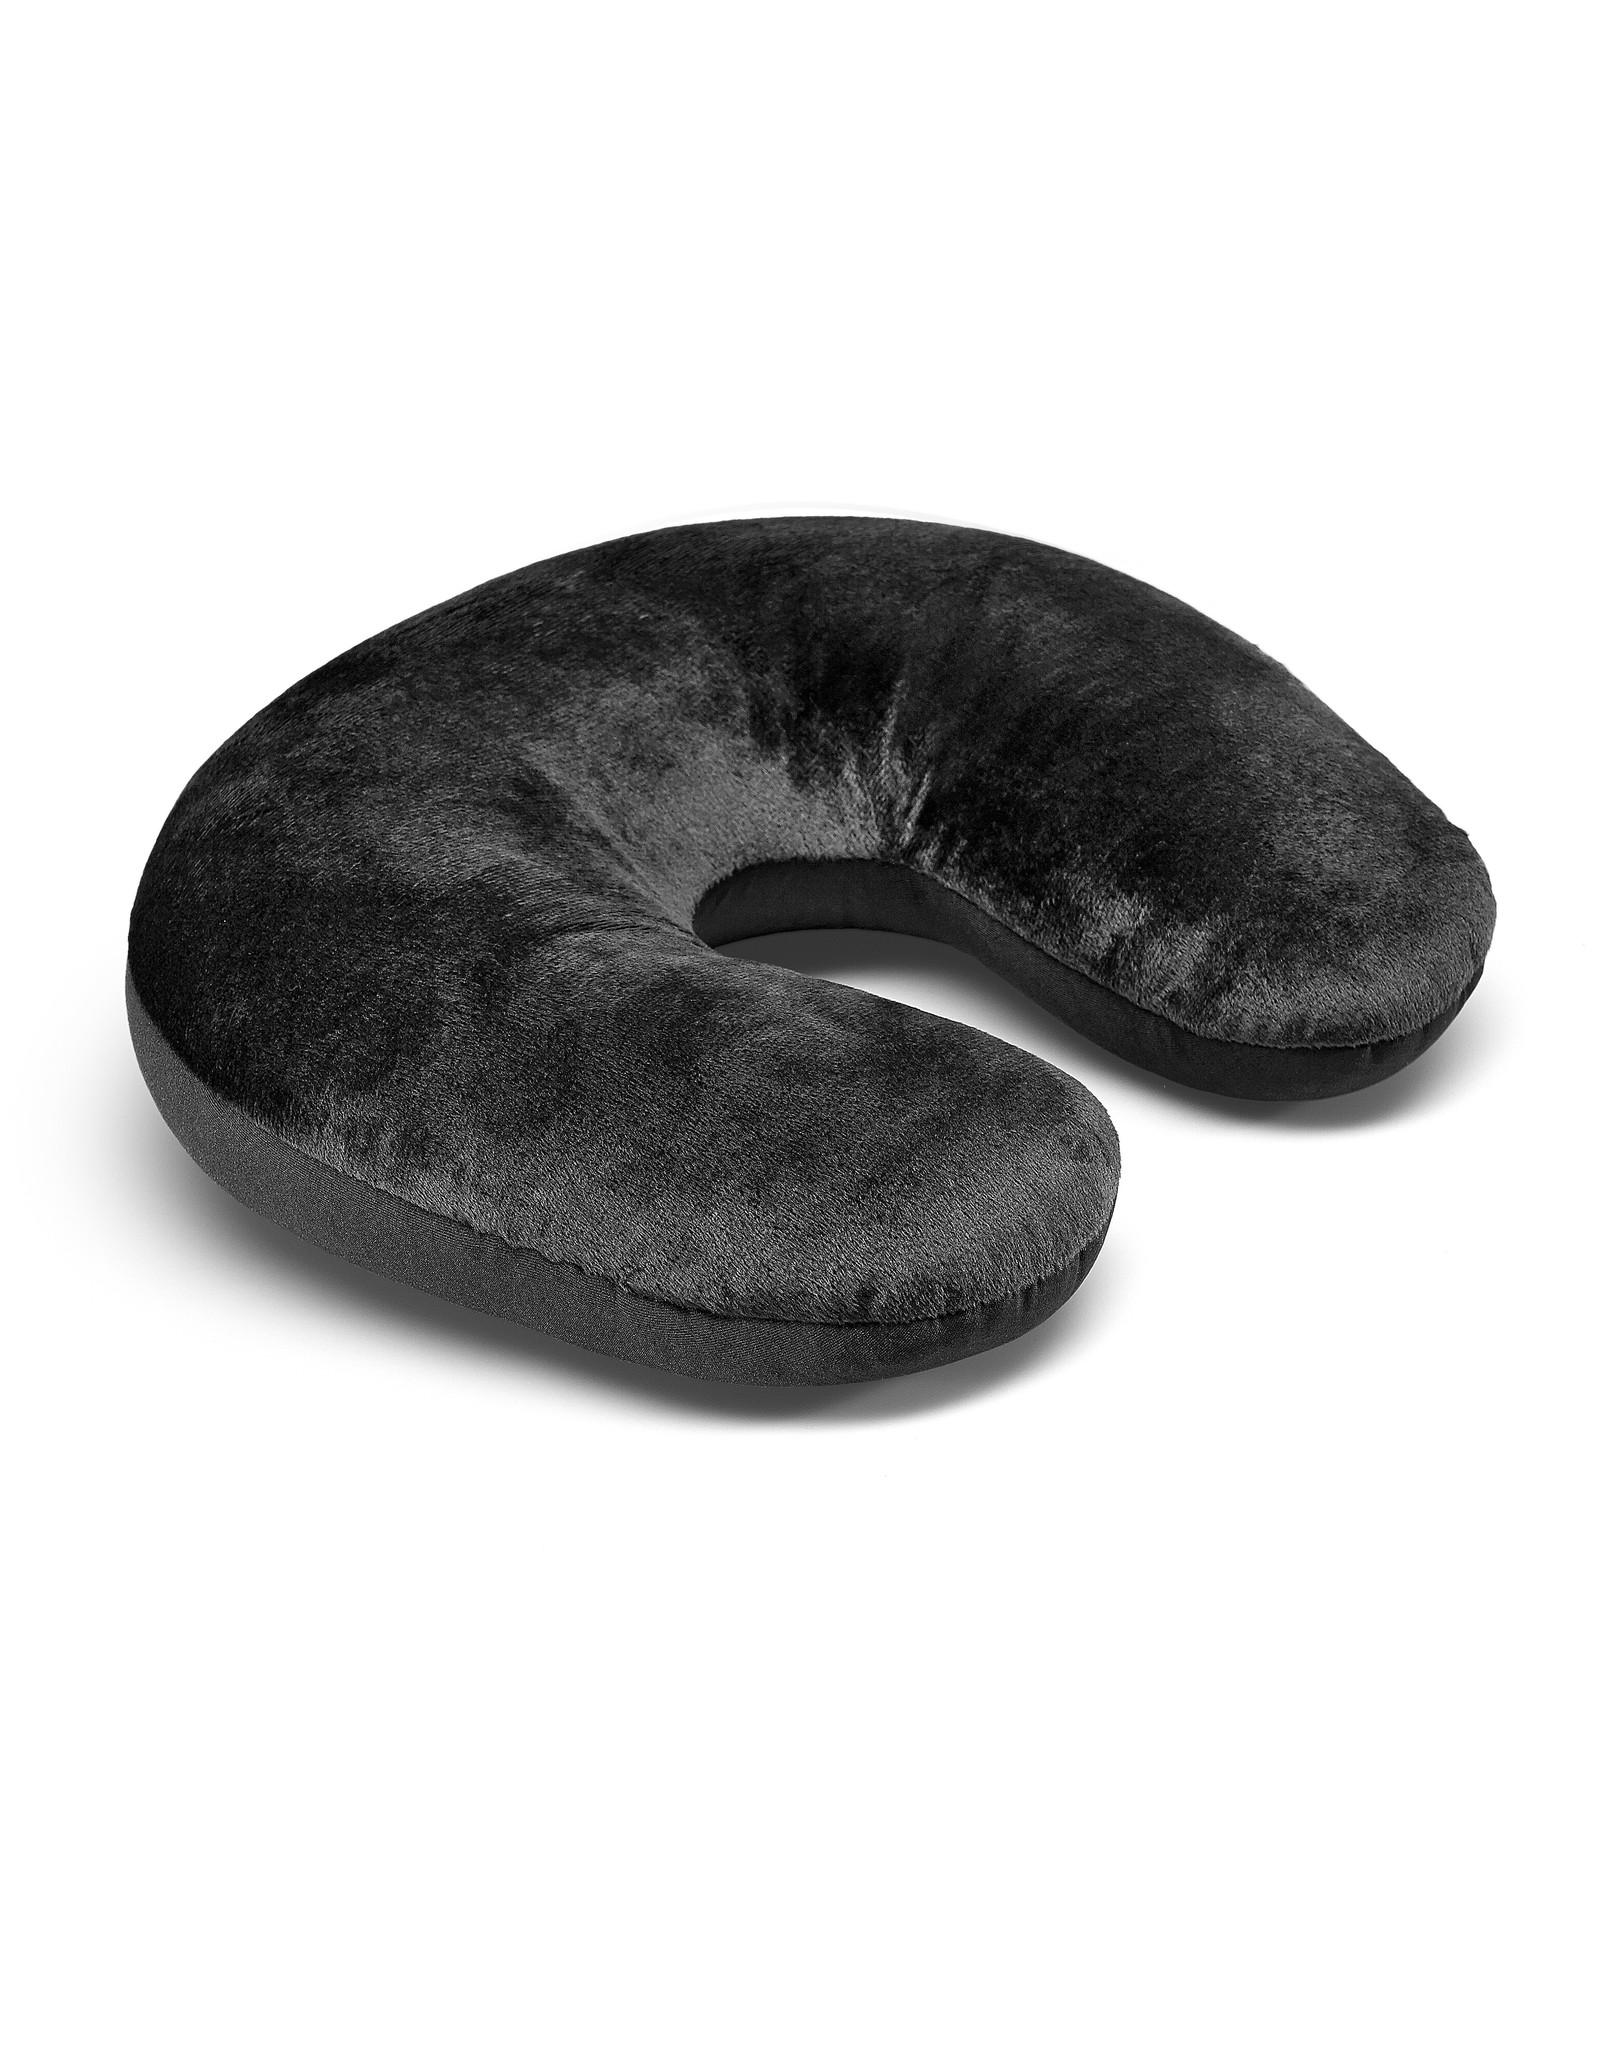 Kuschel-Maxx Kuschel-Maxx - cuscini per il Collo Nero ohne Knopf